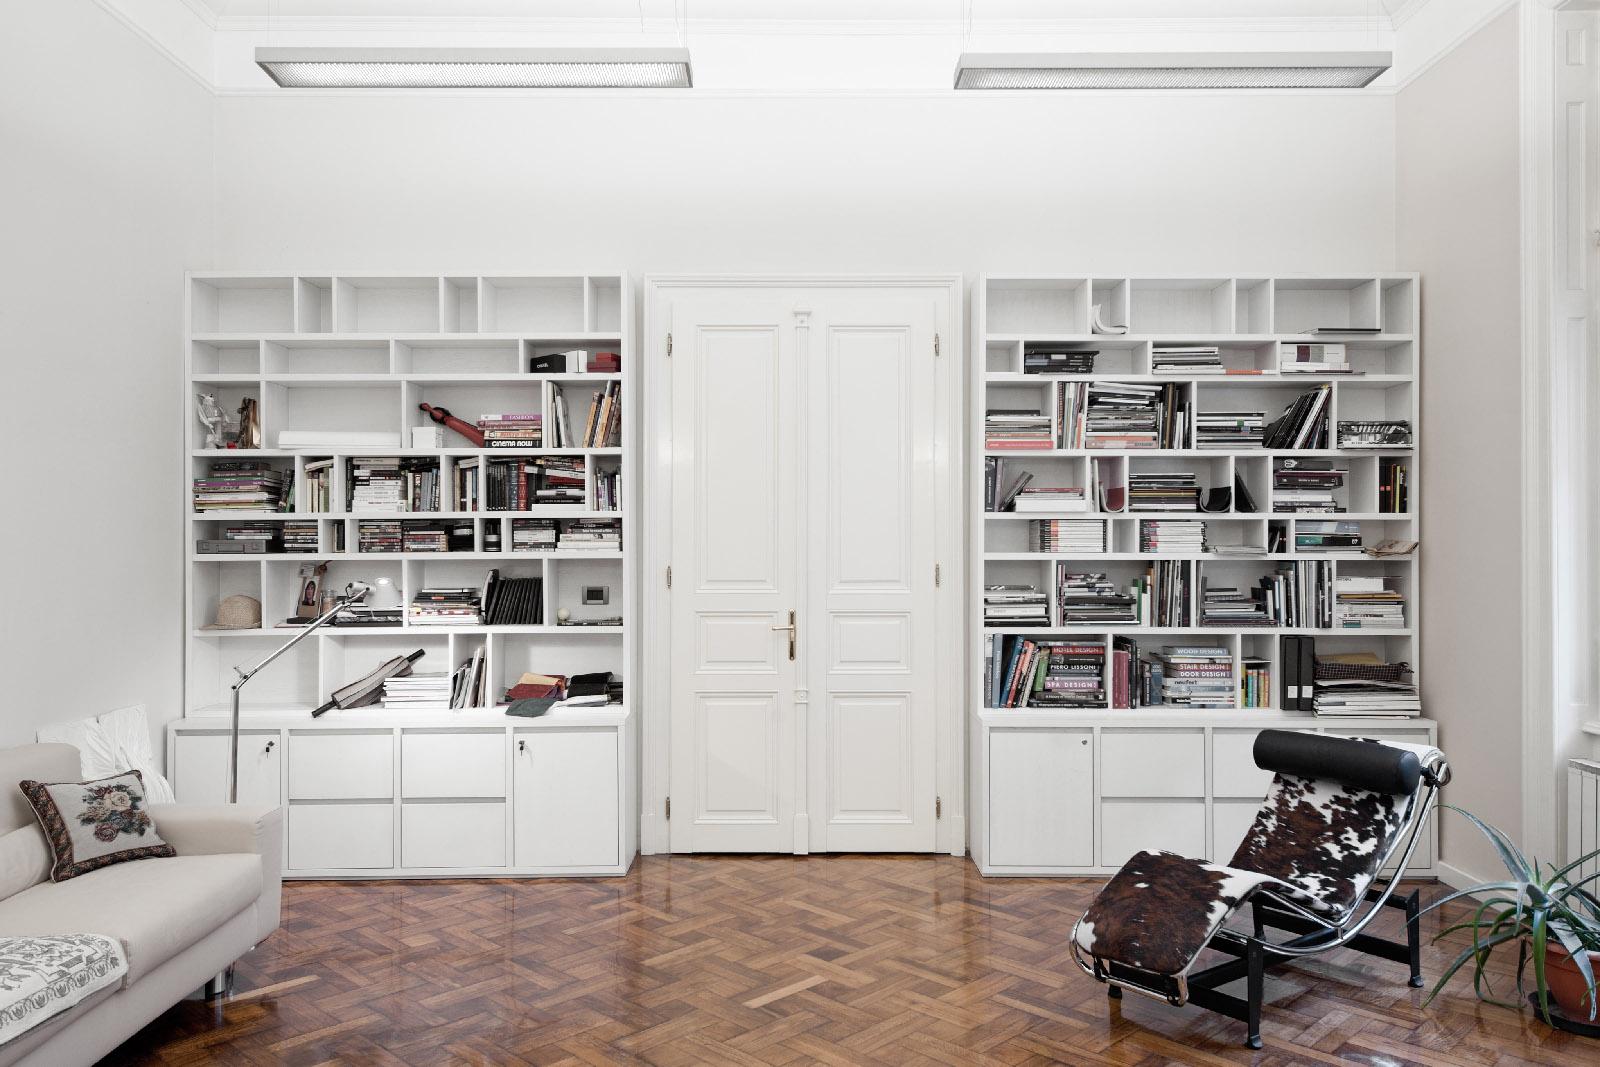 Studio Ana Deg